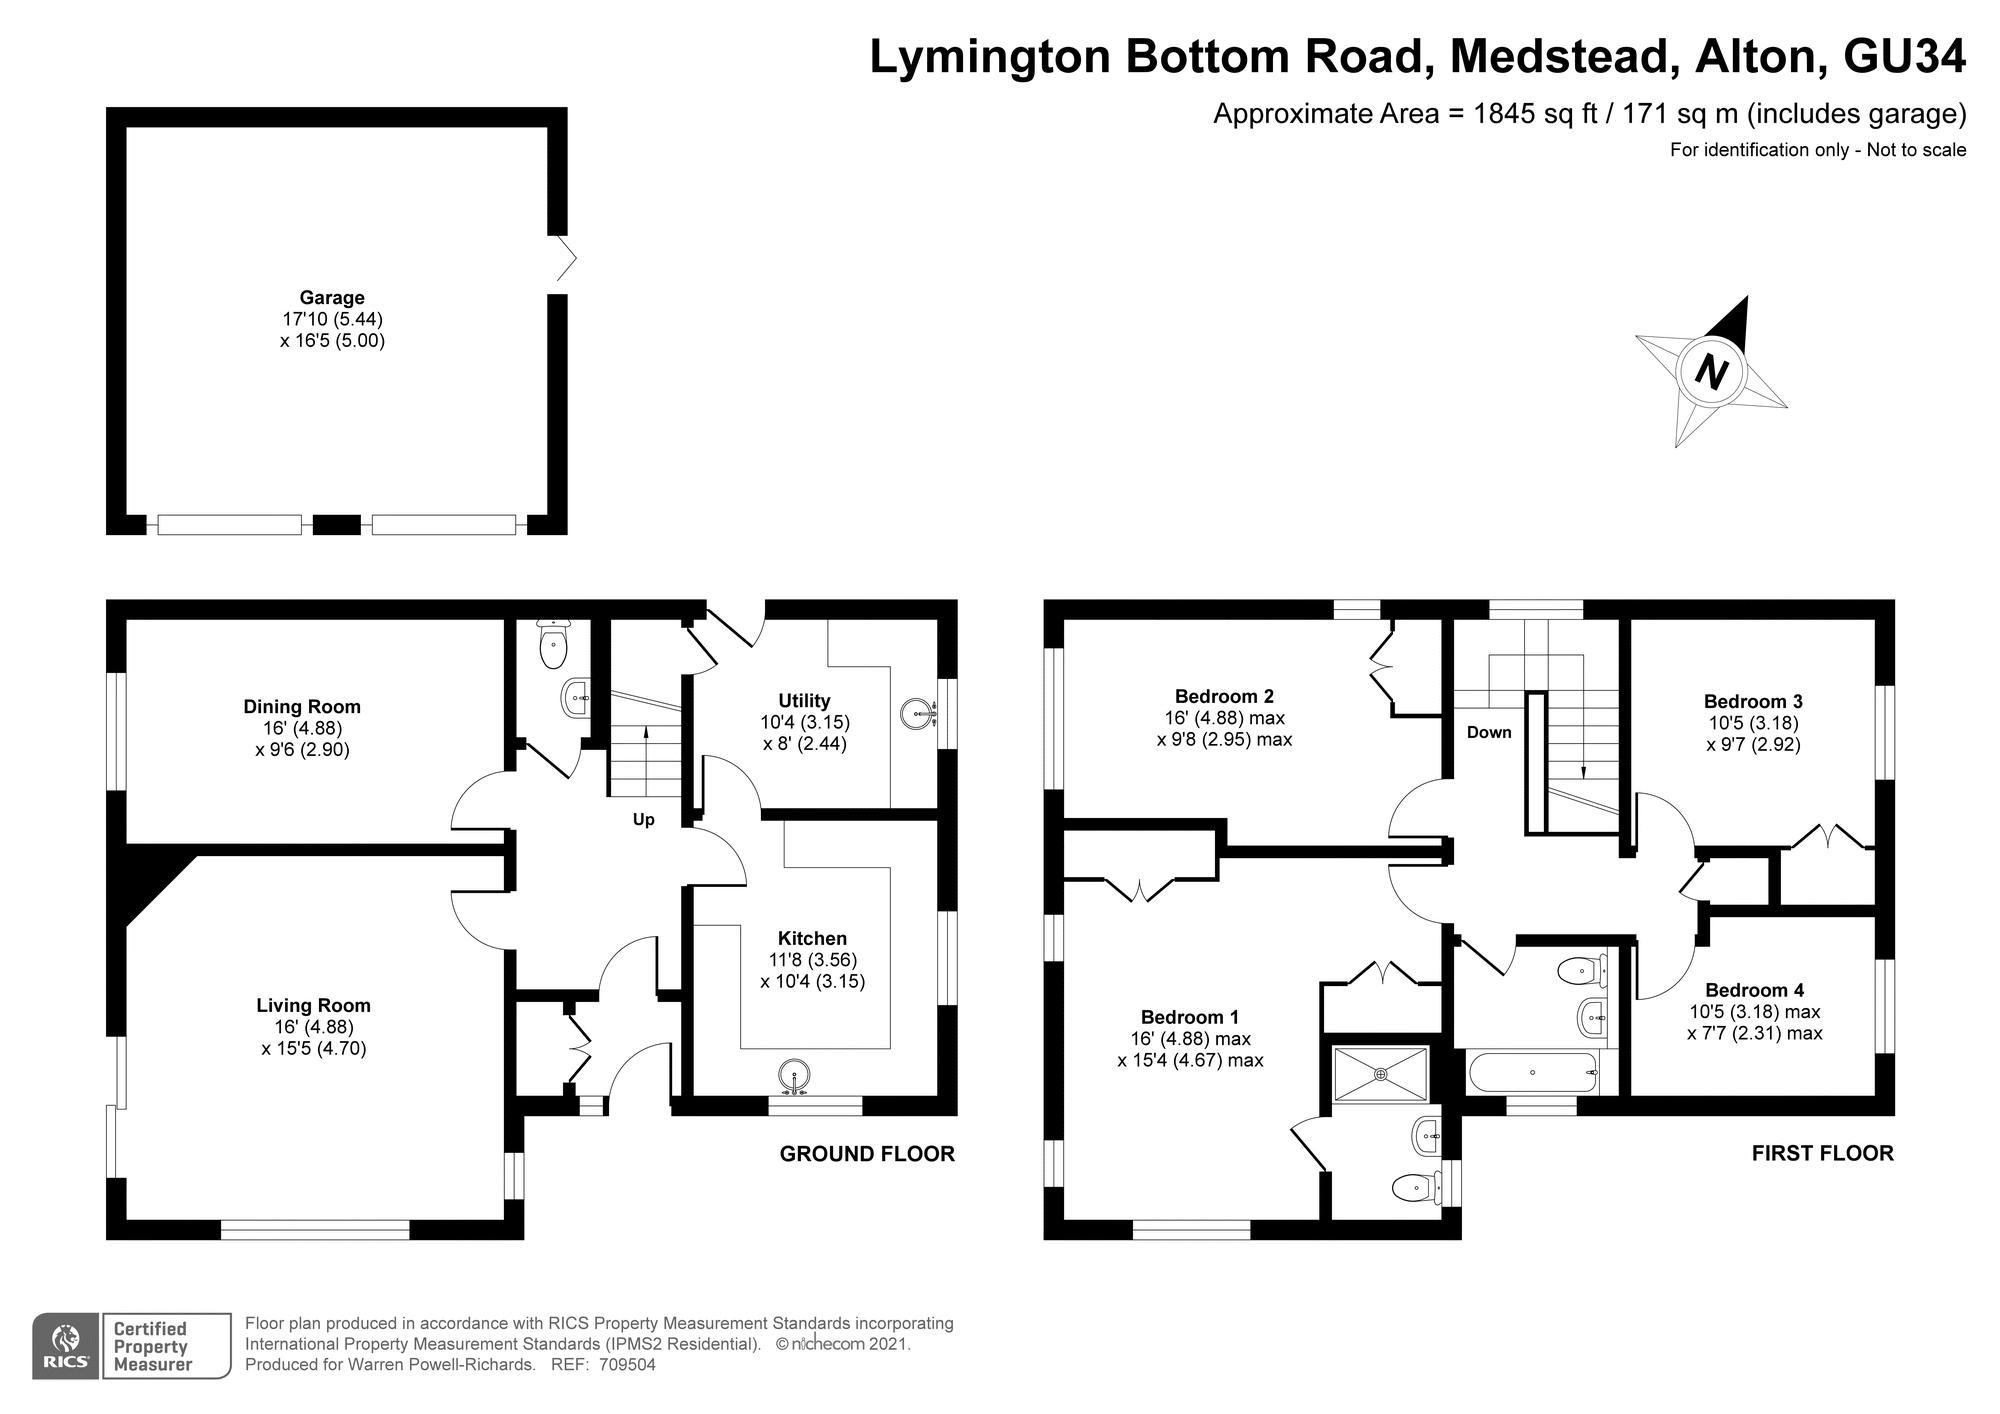 73 Lymington Bottom Road Medstead